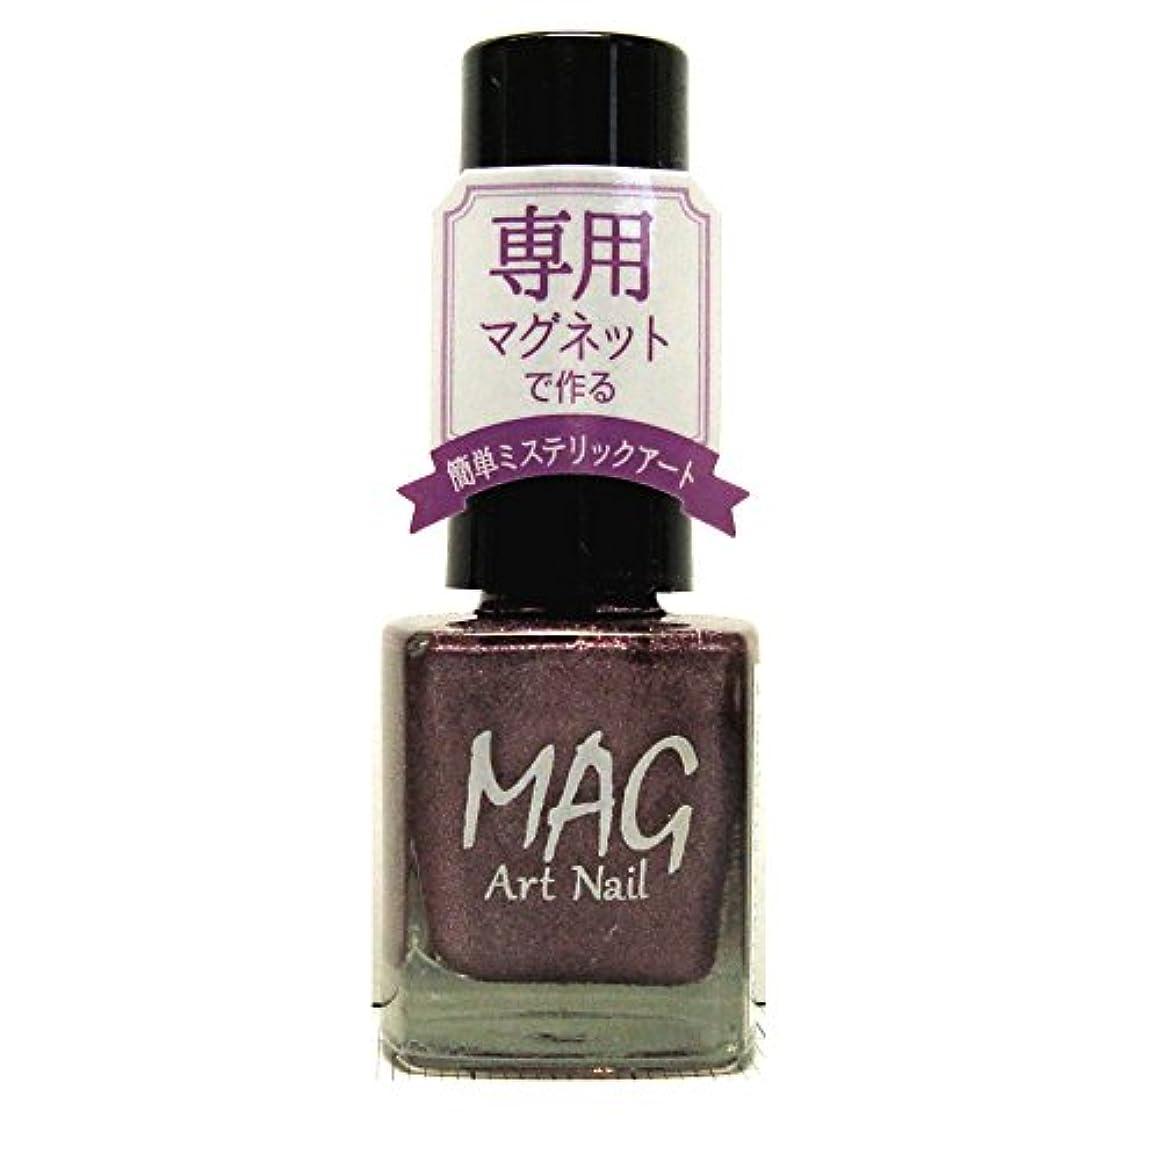 略すきちんとした誘惑するTMマグアートネイル(爪化粧料) TMMA1606 グレースフルグレー